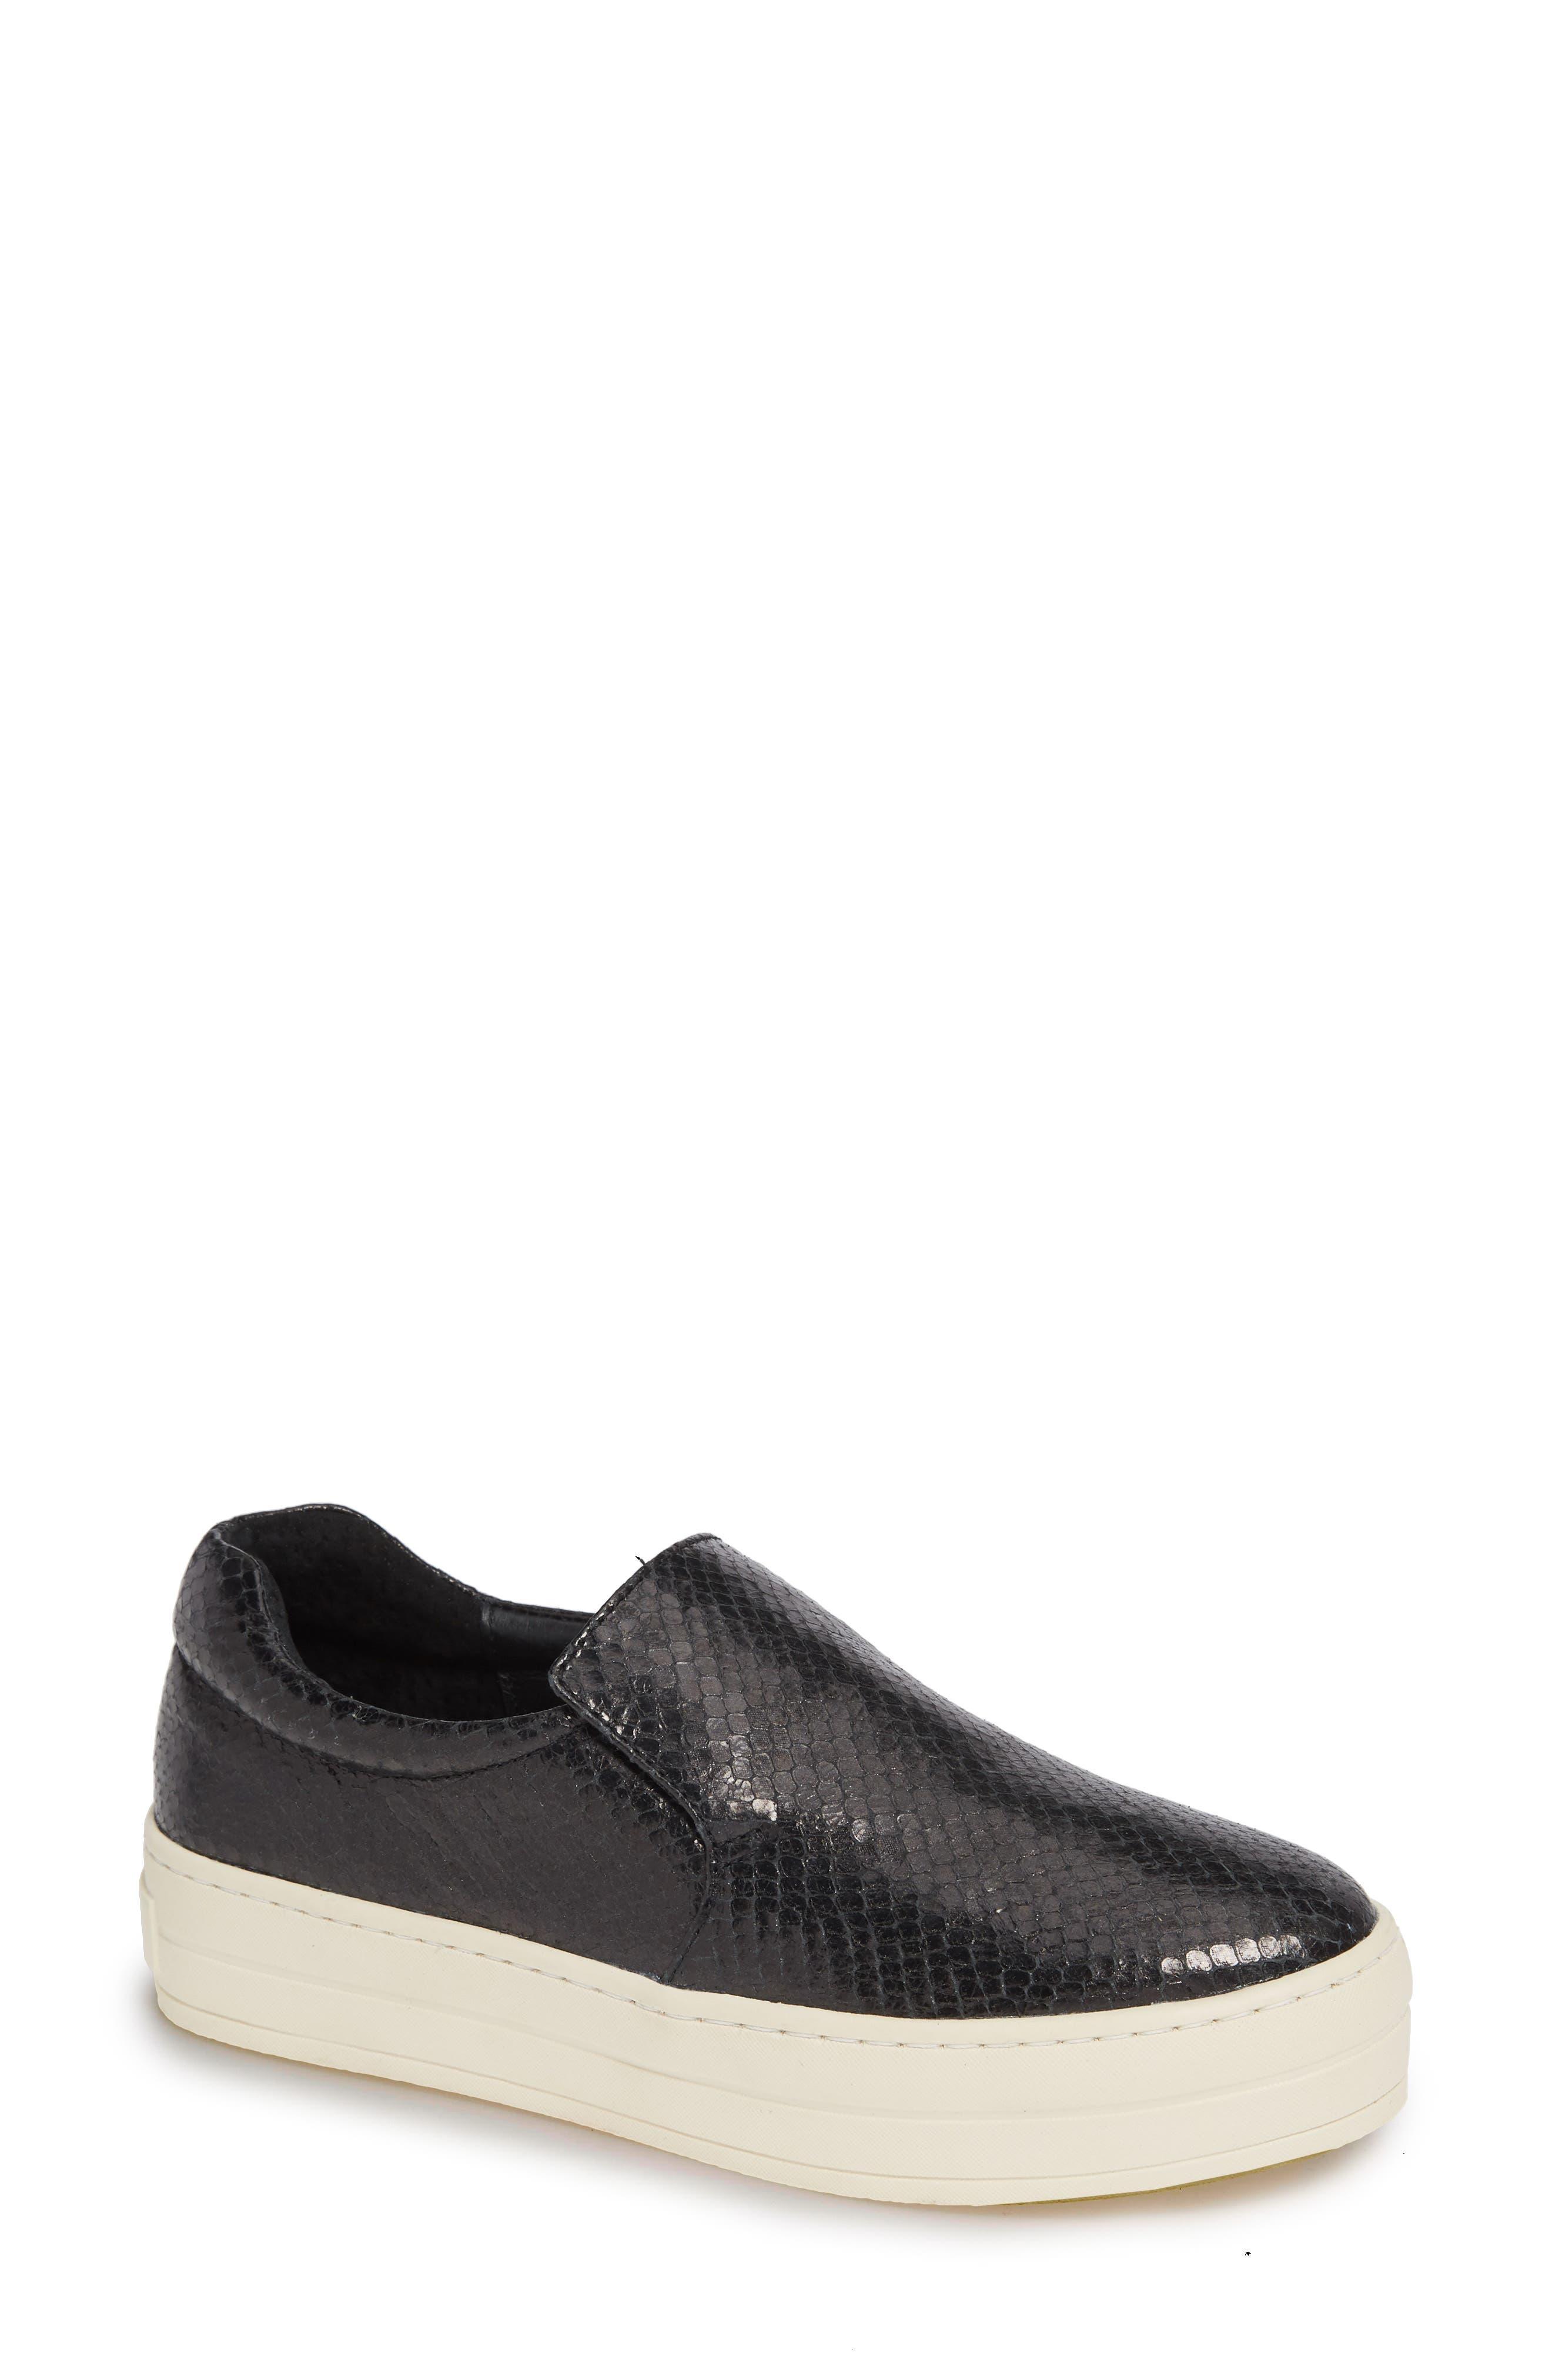 Jslides Harry Slip-On Sneaker- Black